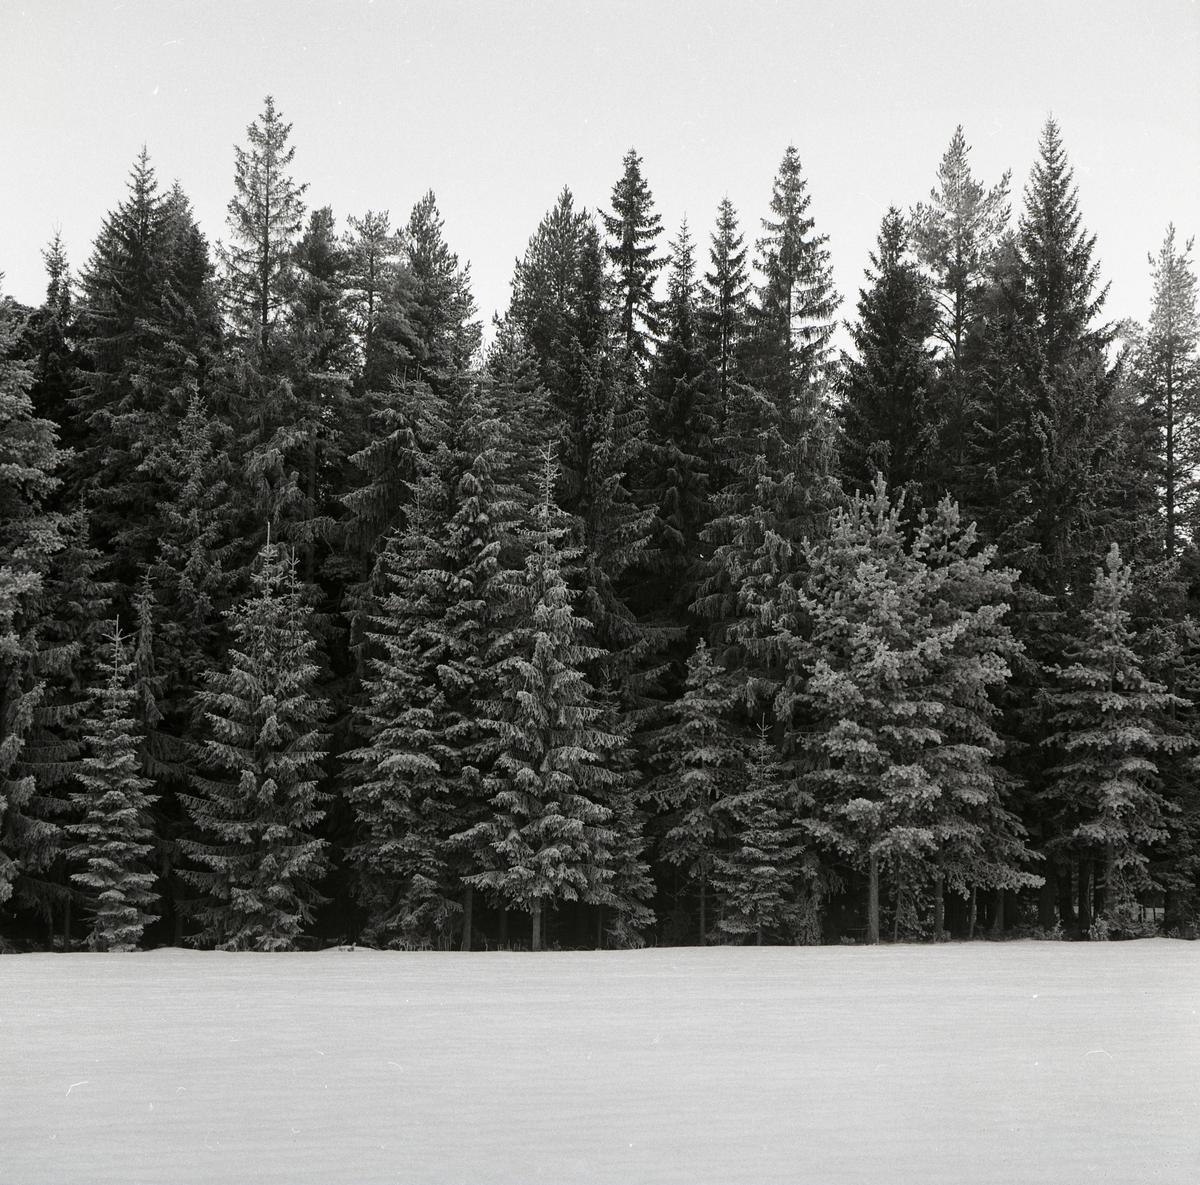 Snötäckta granar intill en väg, 1979.